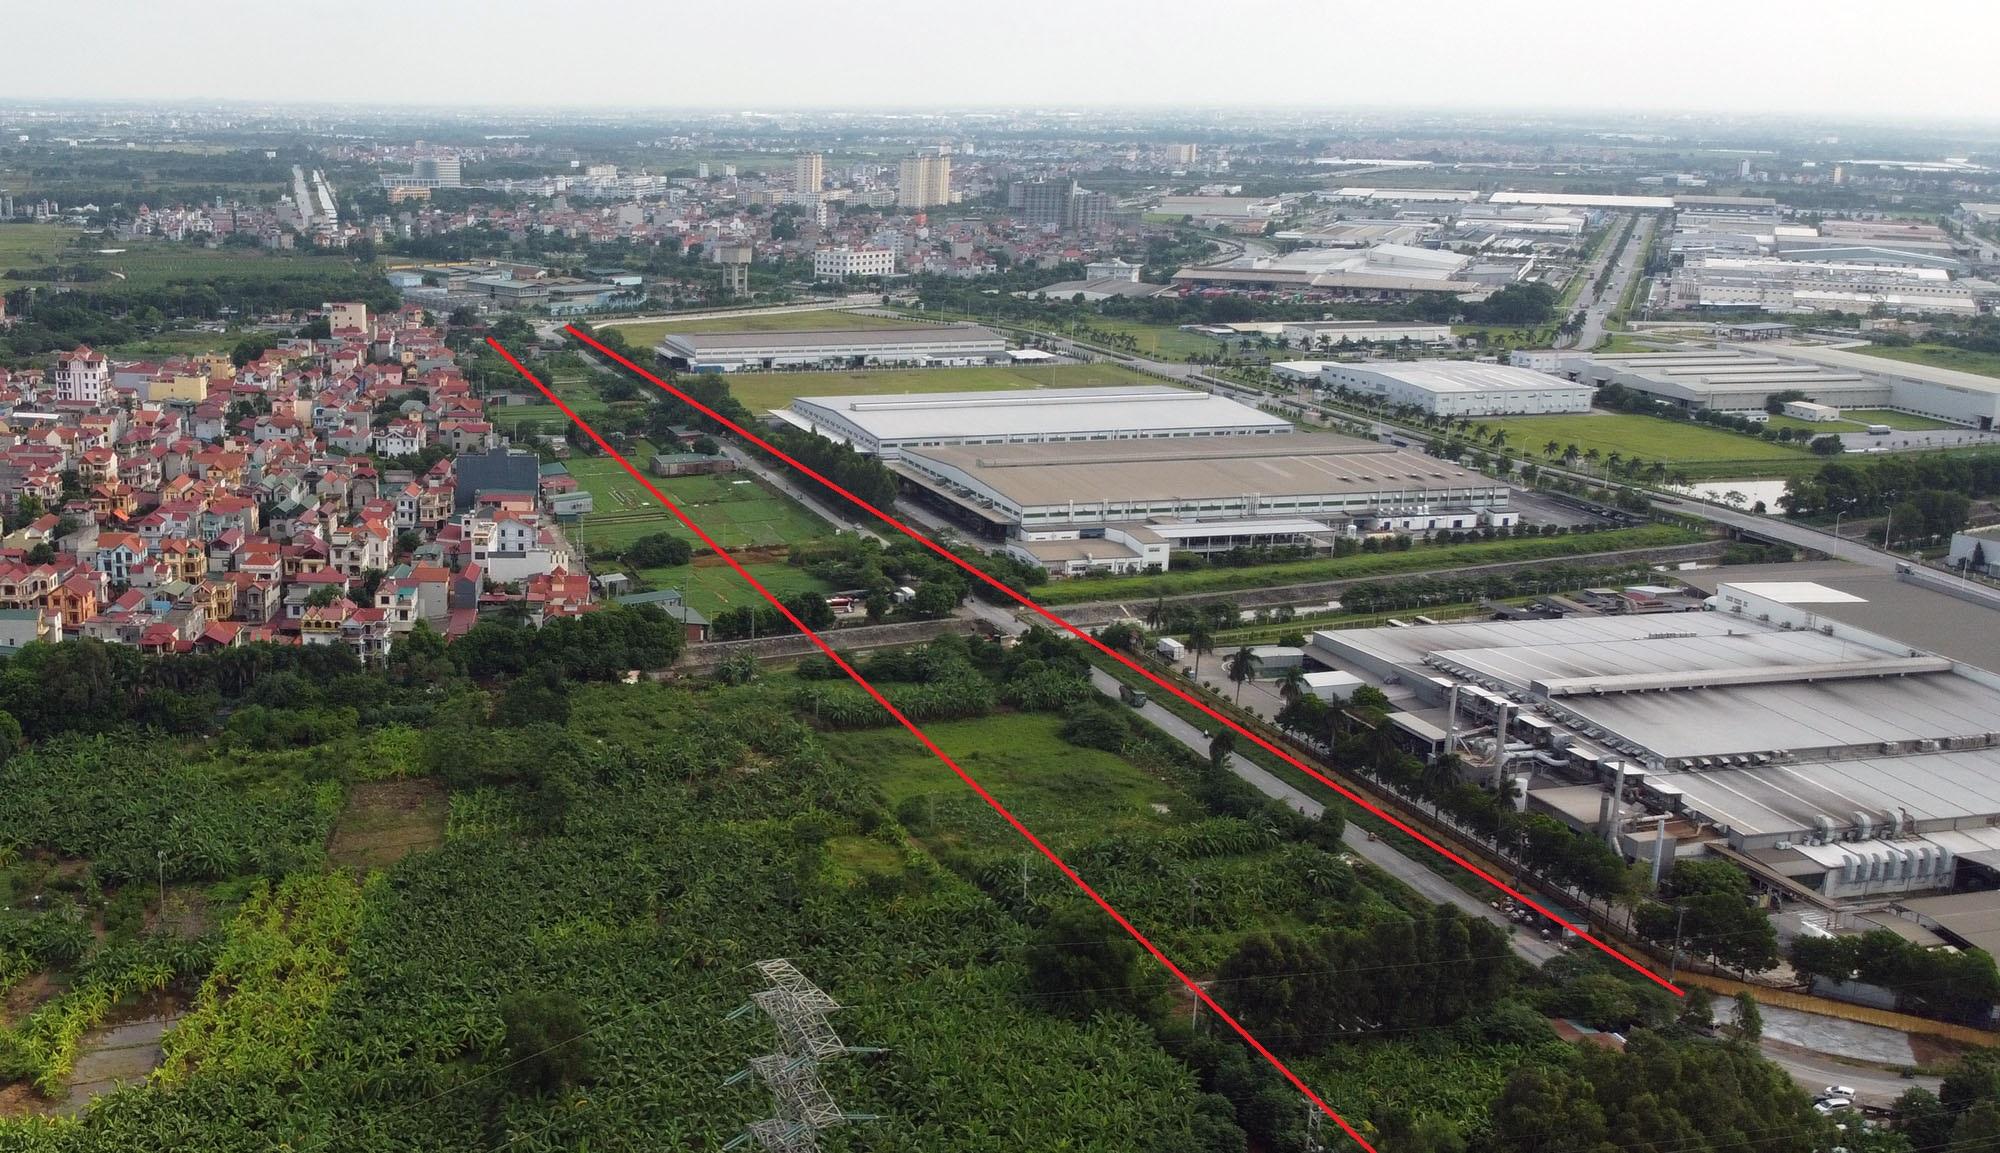 Ba đường sẽ mở theo qui hoạch ở xã Đại Mạch, Đông Anh, Hà Nội - Ảnh 10.